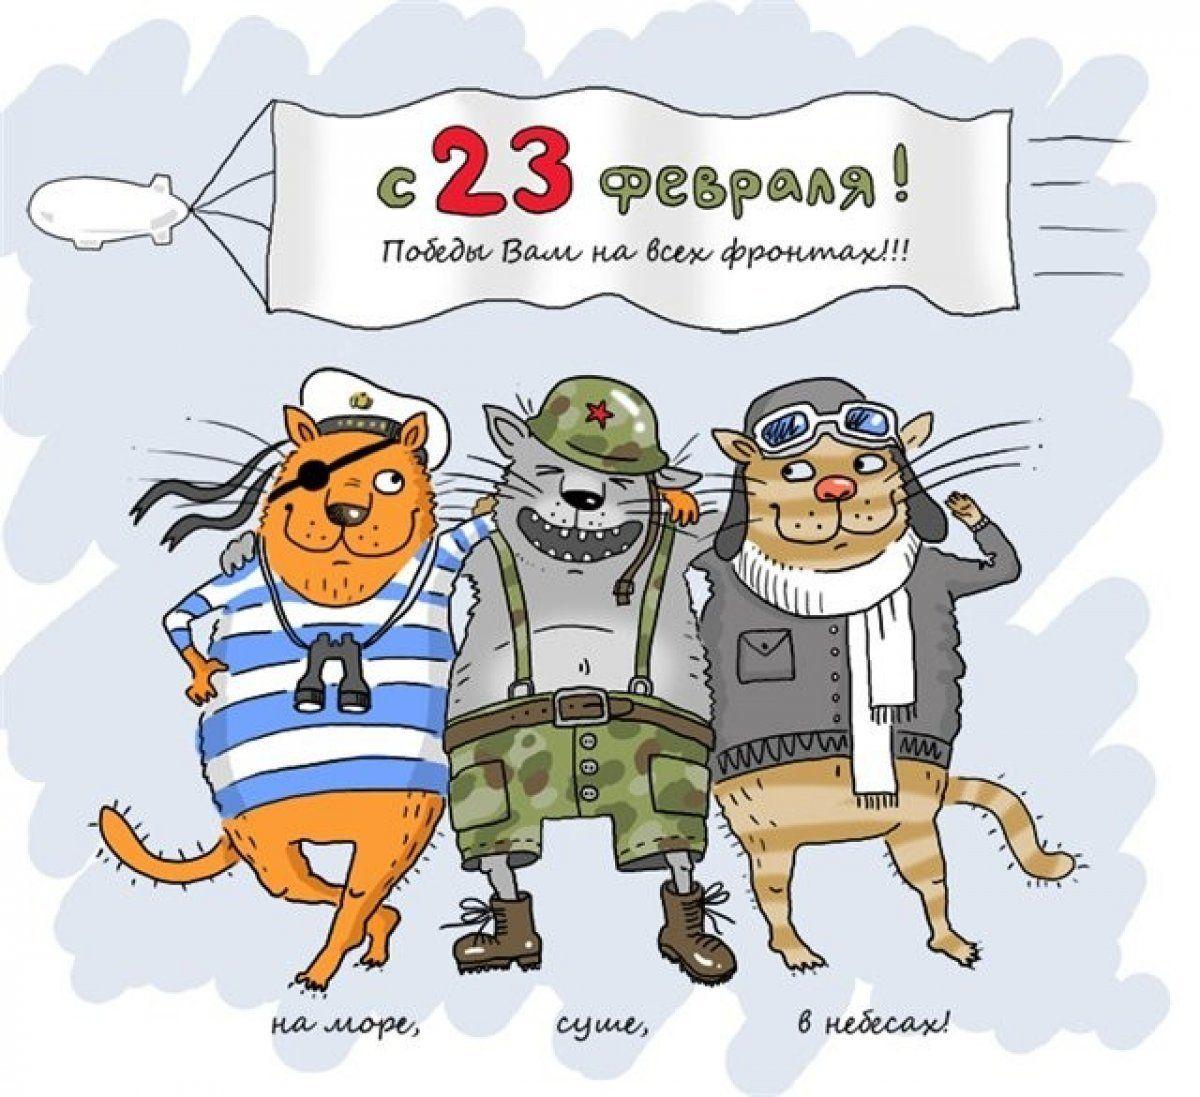 Dorogie Muzhchiny Pozdravlyaem S Dnyom Zashitnika Otechestva I Hotim